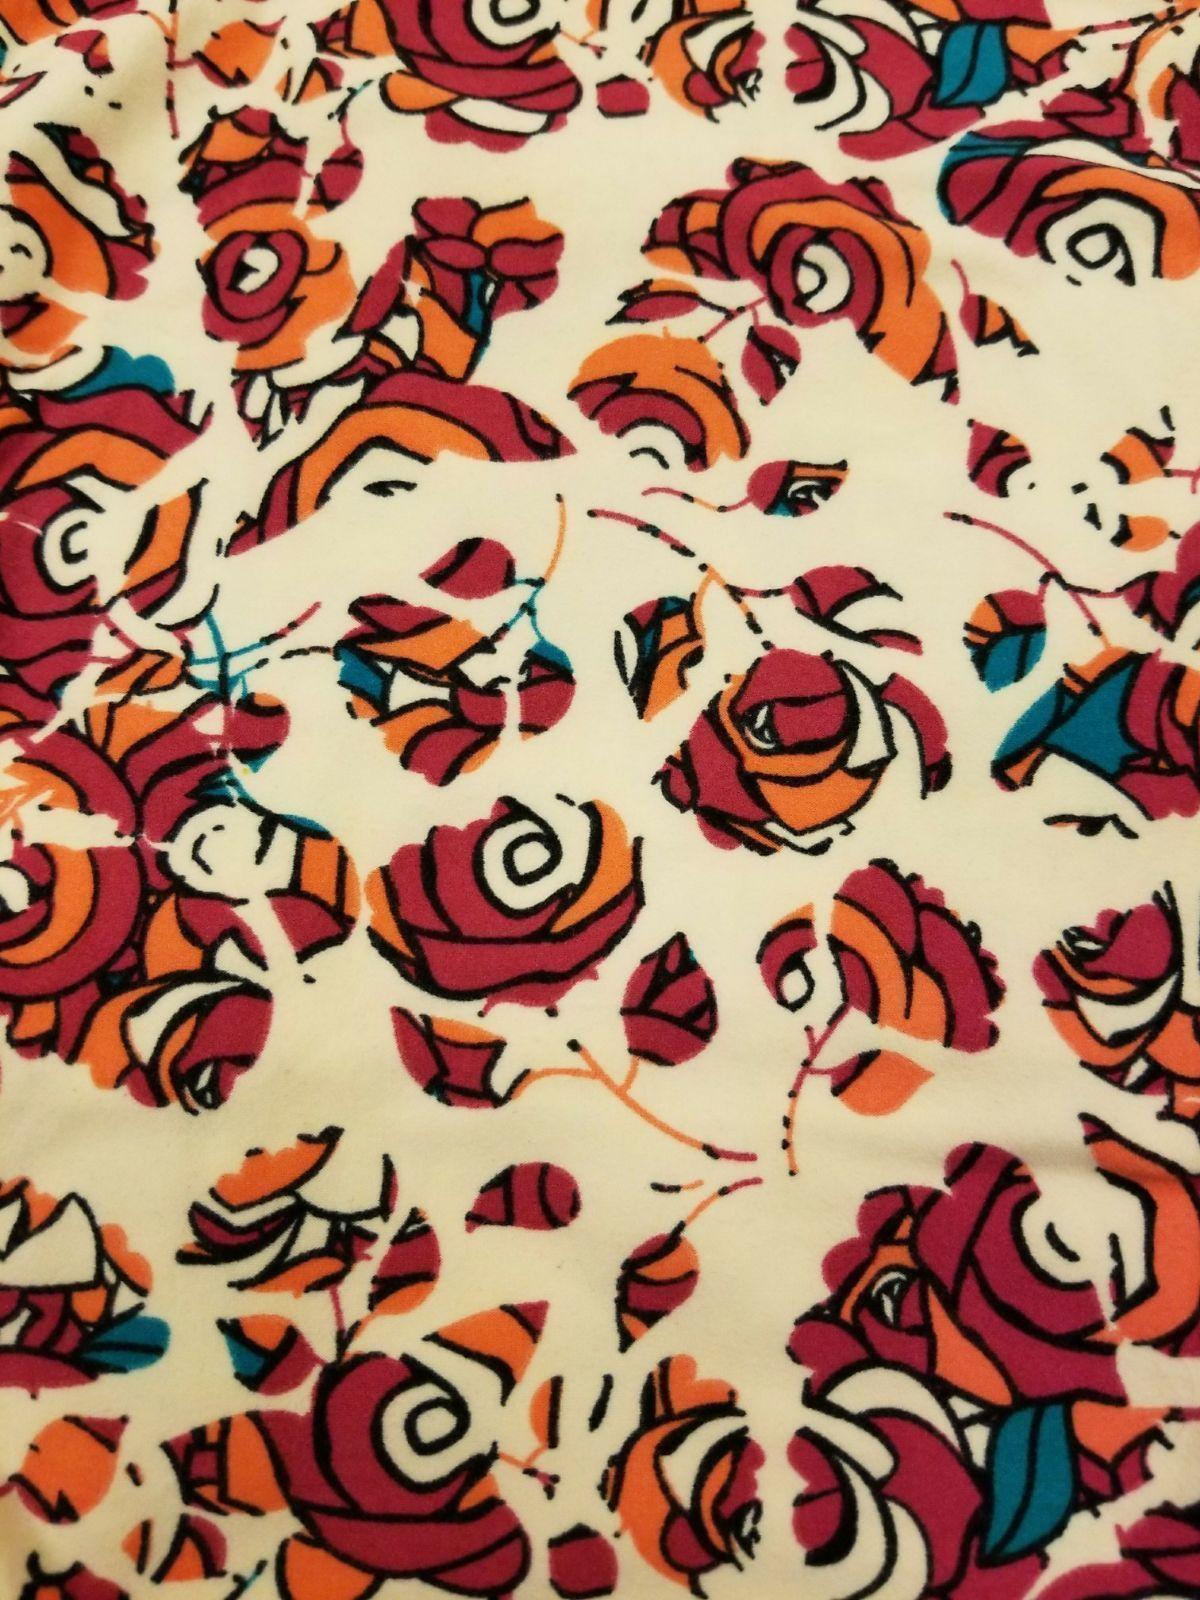 1d3b161ff989f LuLaRoe Beauty & the Beast TC leggings - Mercari: The Selling App